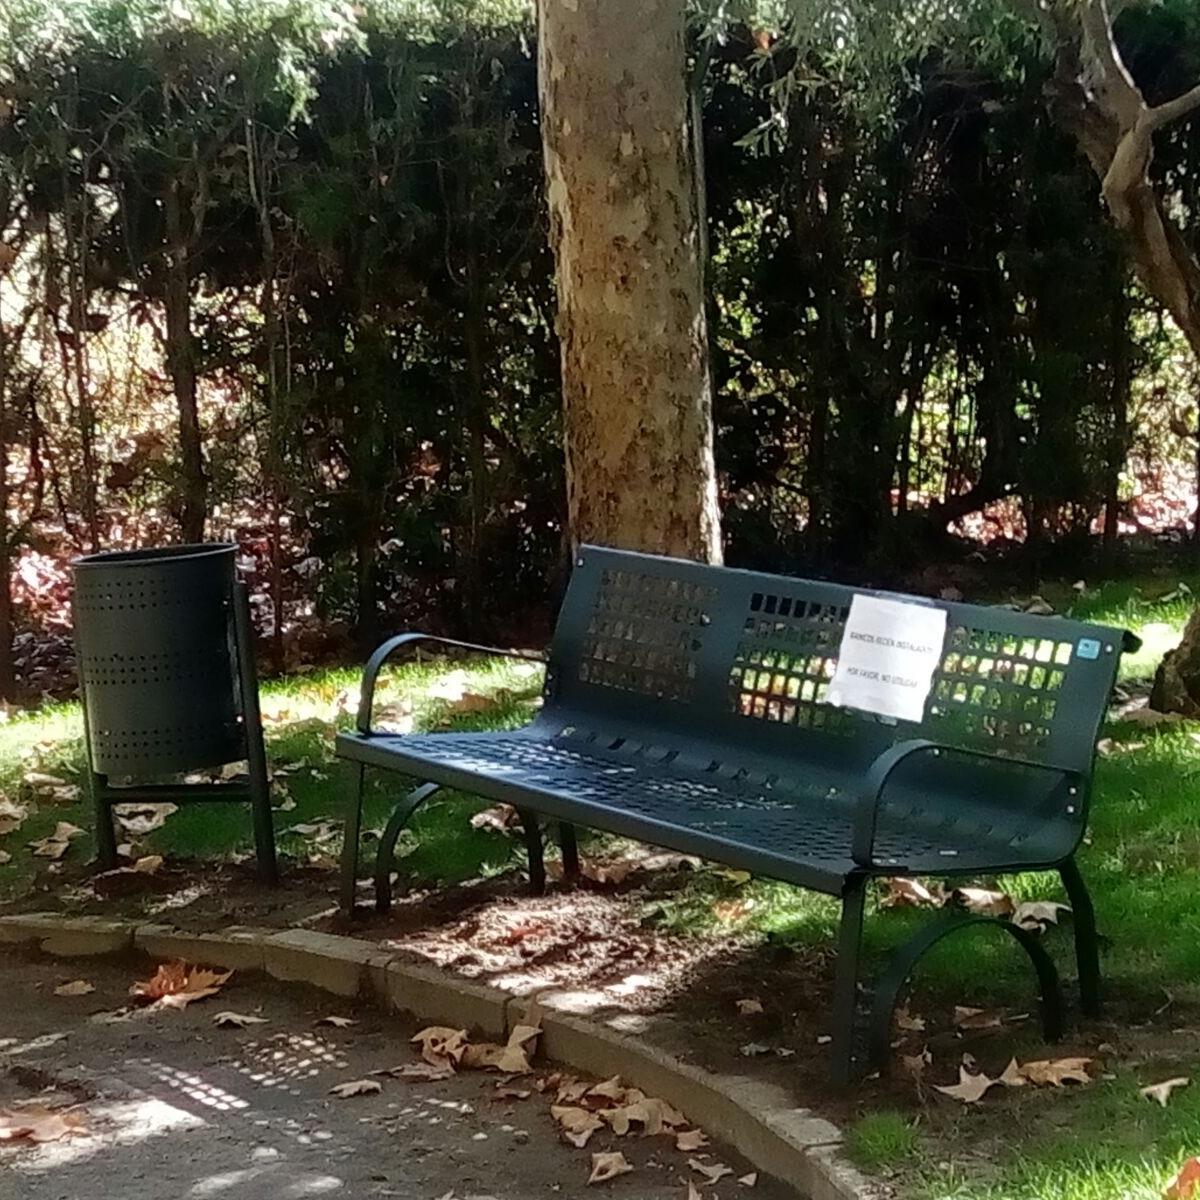 banco urbano de la marca sergin junto a papelera urbana instalado en un jardin